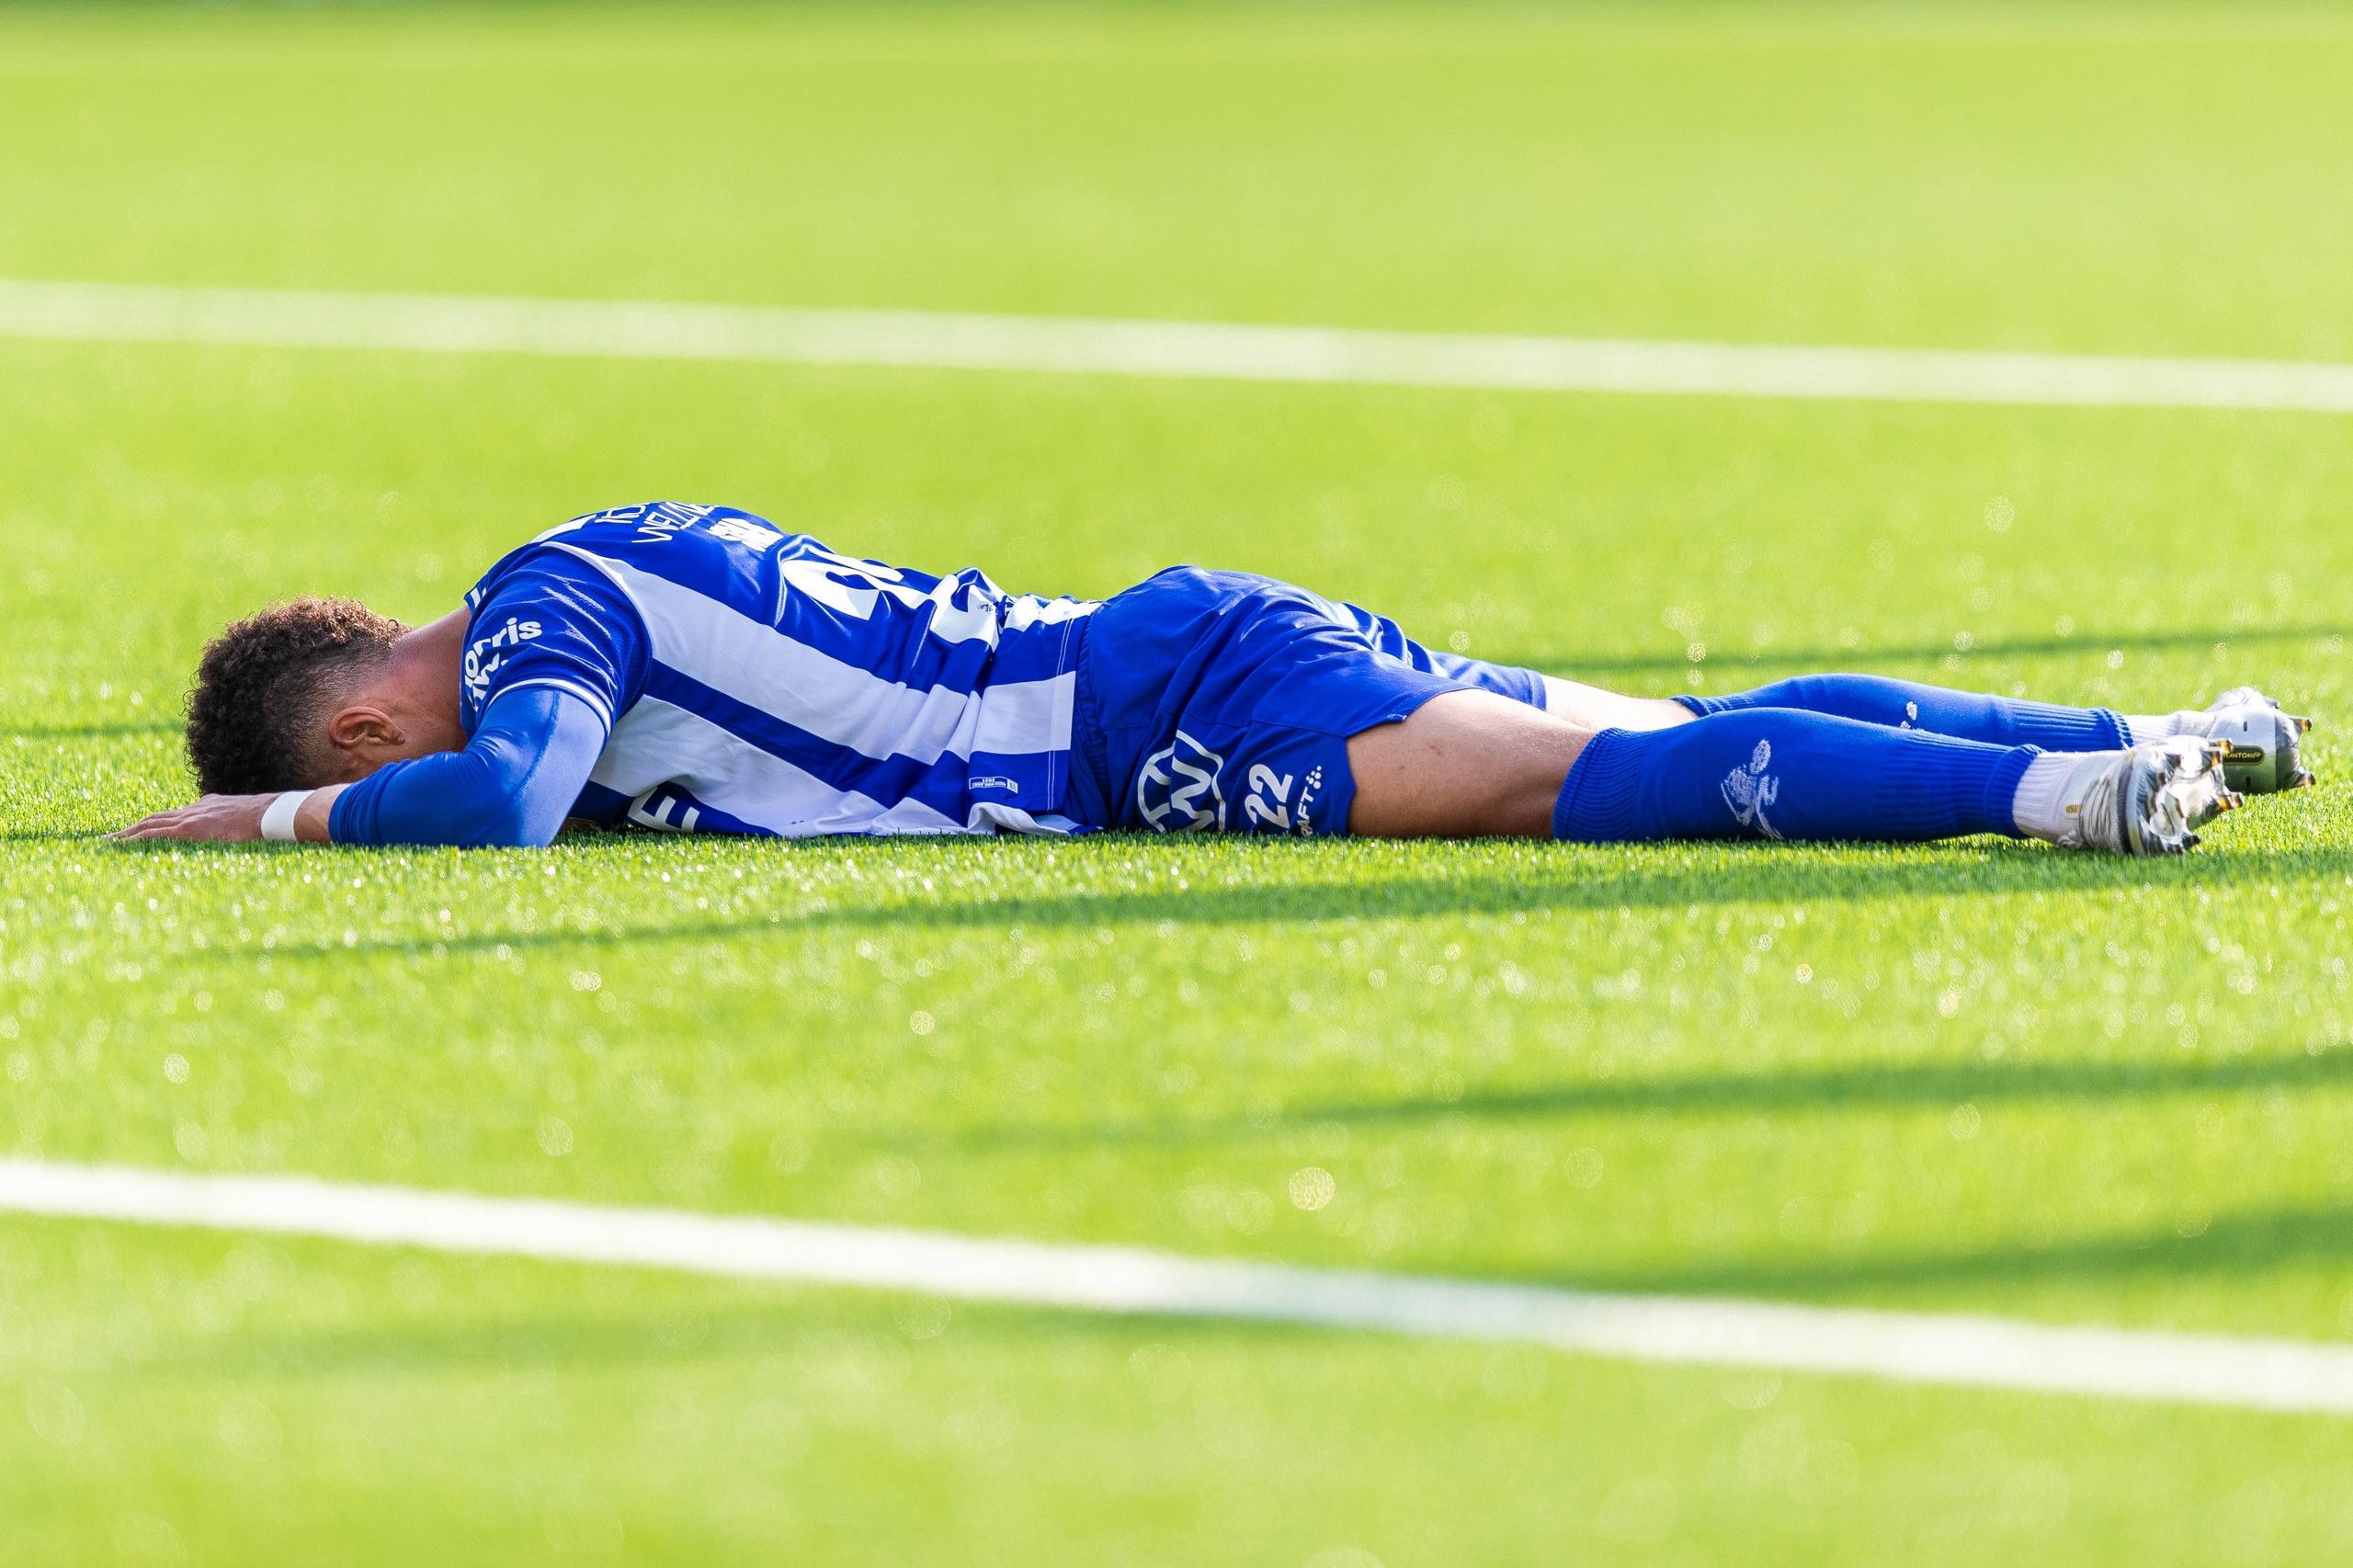 IFK Göteborgs Tobias Sana om sena straffmissen